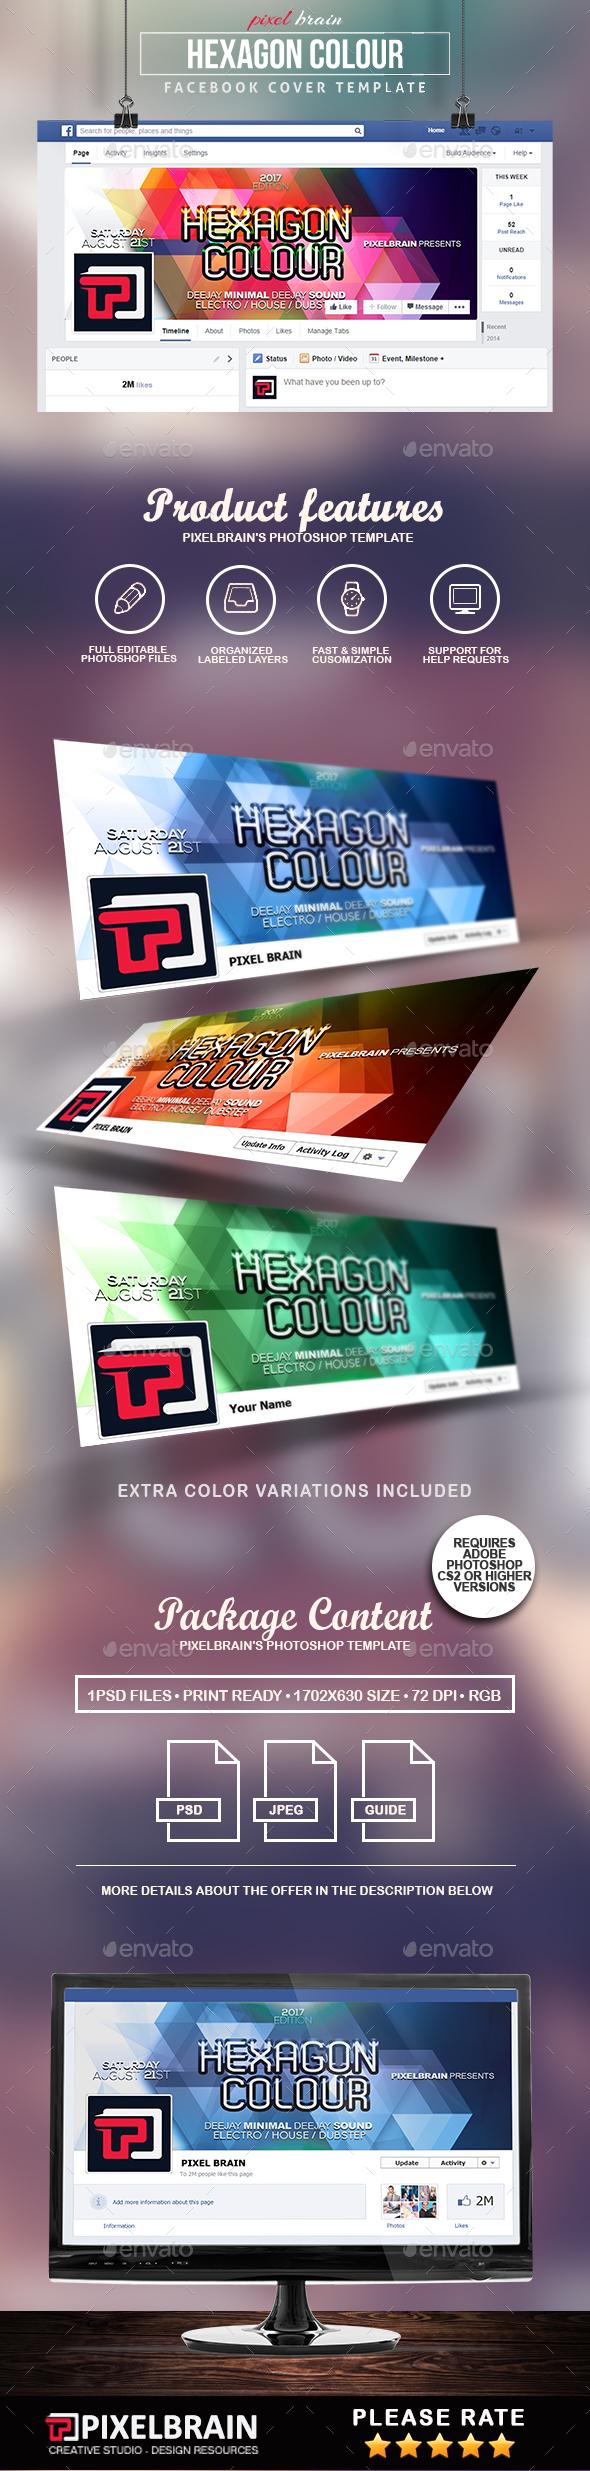 Hexagon Colour Facebook Cover Template - Facebook Timeline Covers Social Media